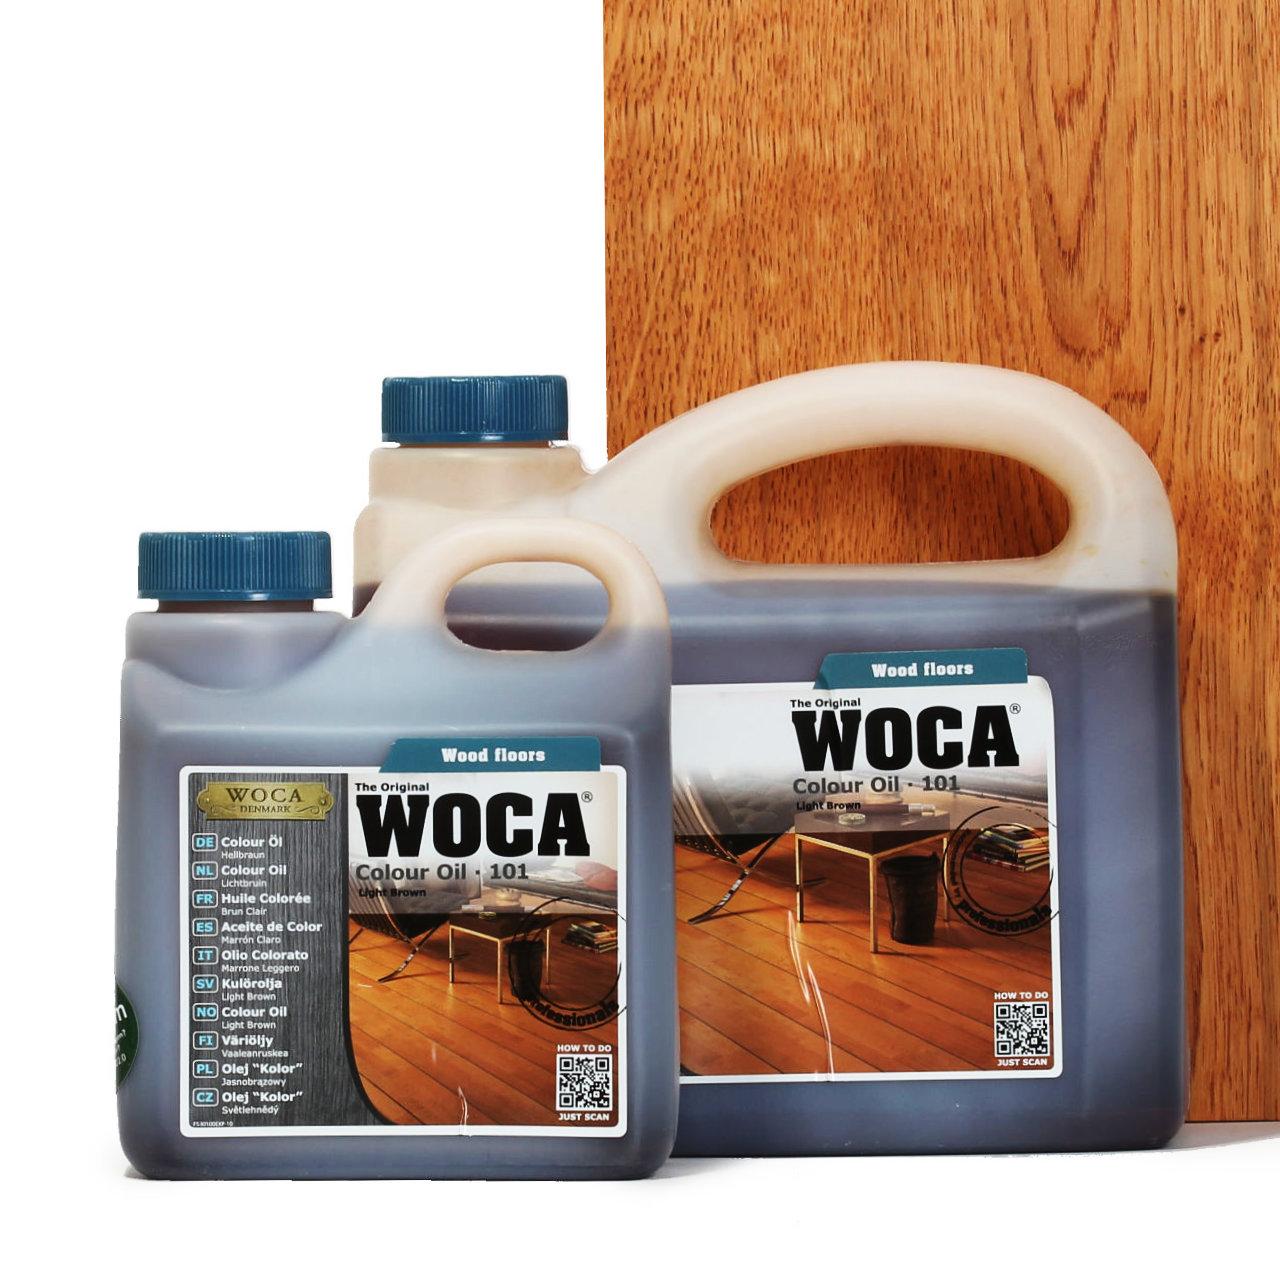 woca colour oil 101 hellbraun uebersicht muster 1280x beedcc4f